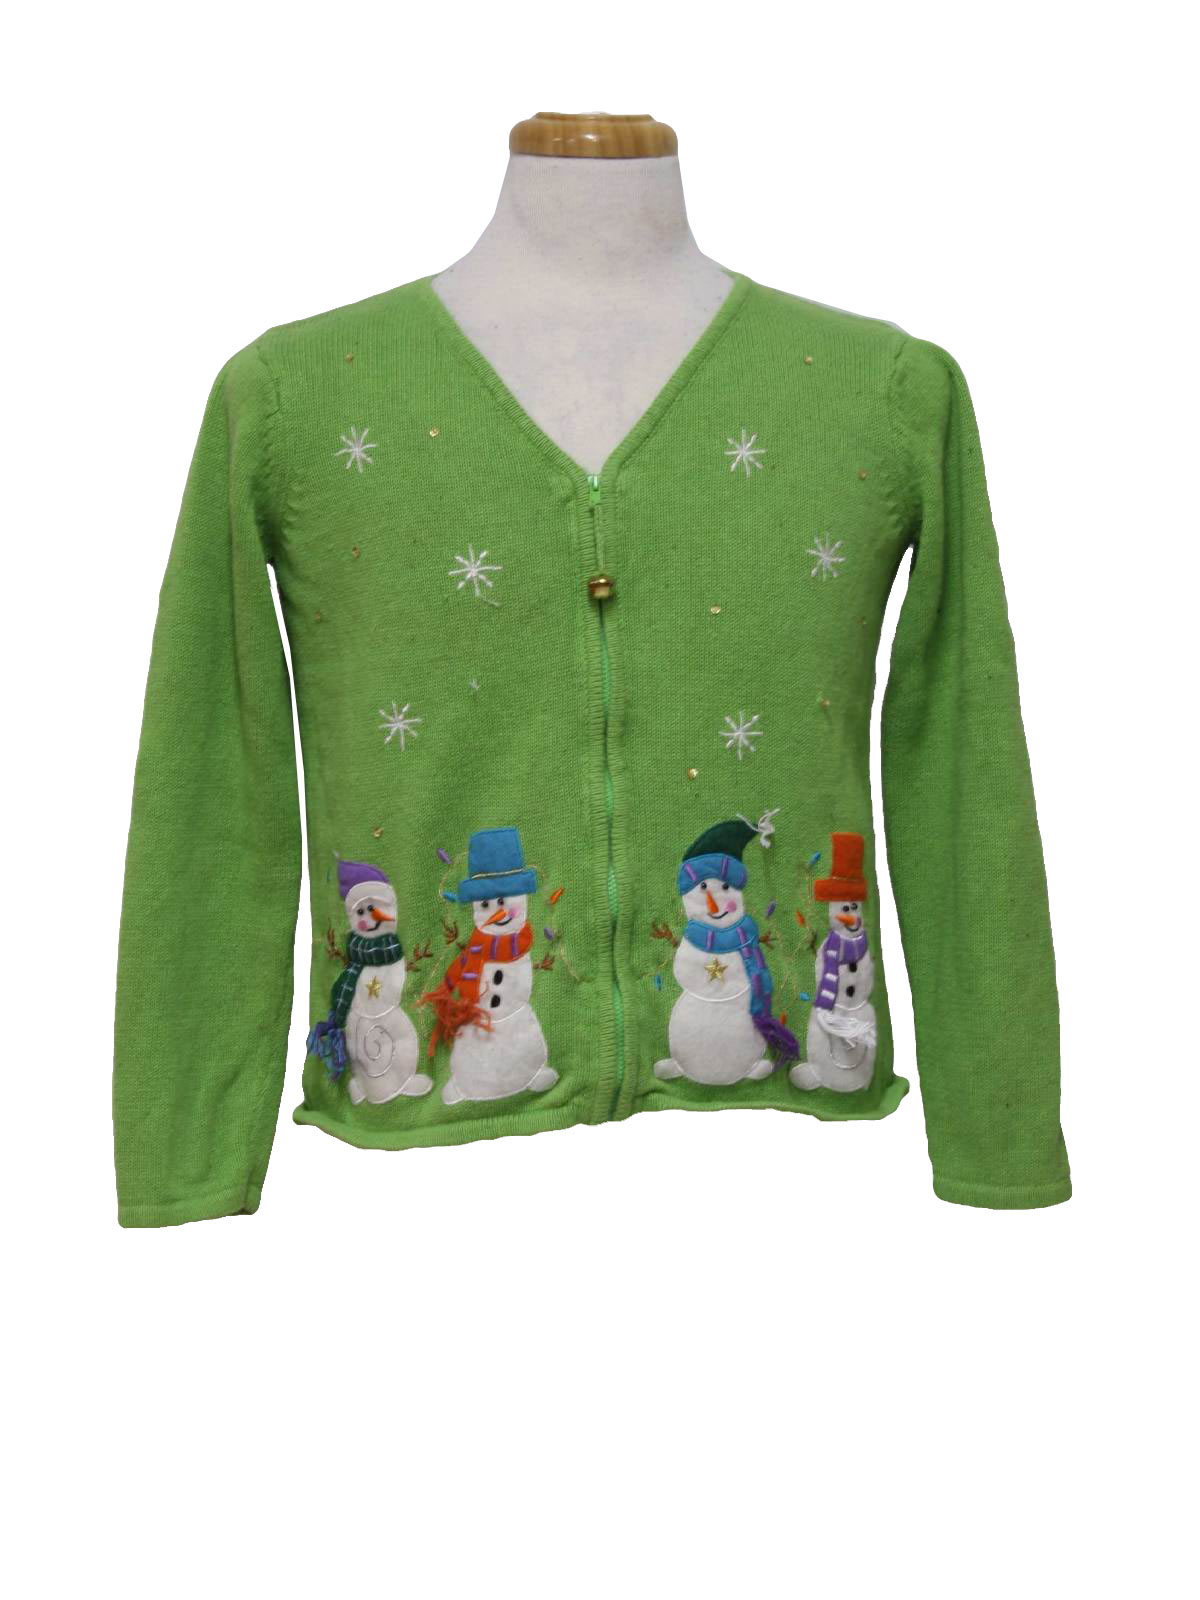 Tiara International Sweater